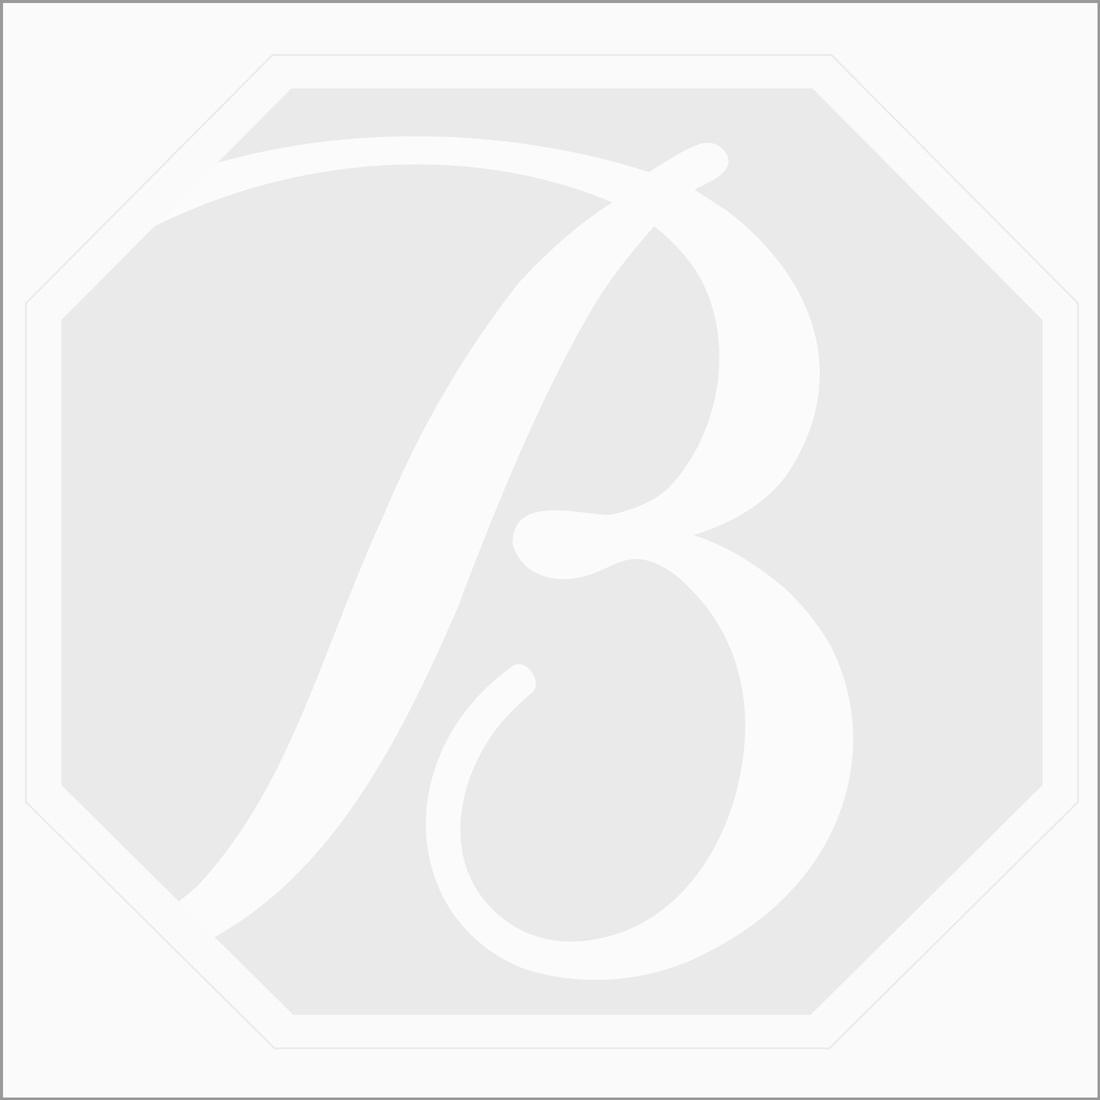 2 Pcs - Dark Green Tourmaline Rose Cuts - 8.04 ct. - 17.7 x 8.6 x 2.9 mm & 17.5 x 8.9 x 2.7 mm (TRC1007)